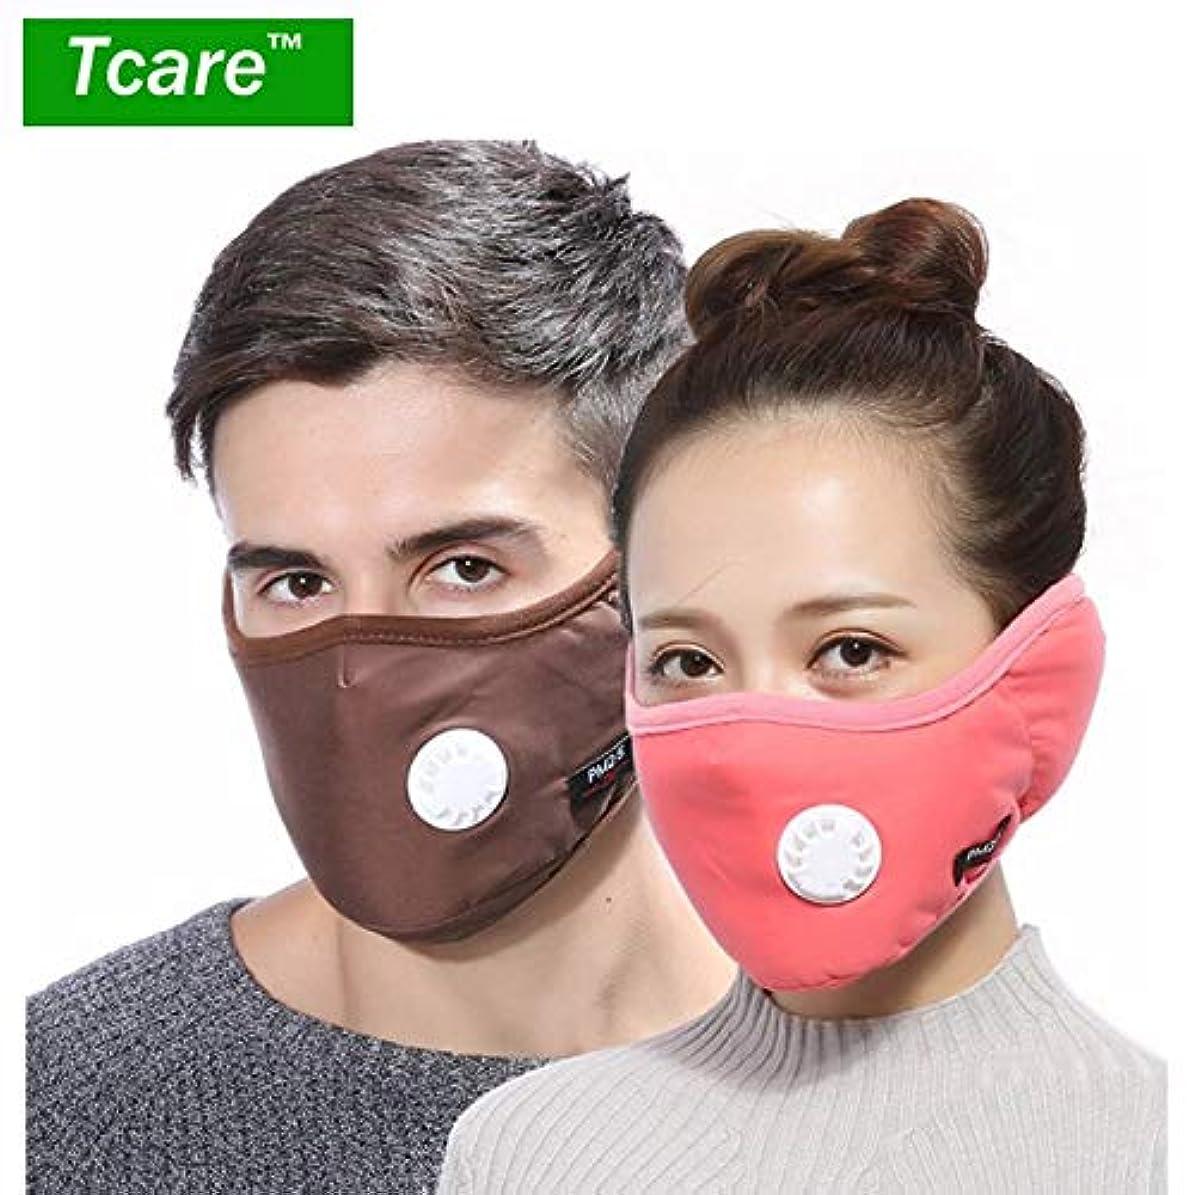 長さシンプトンゲインセイ8ダークピンク:1 PM2.5マスクバルブコットンアンチダスト口マスクの冬のイヤーマフActtedフィルター付マスクでTcare 2